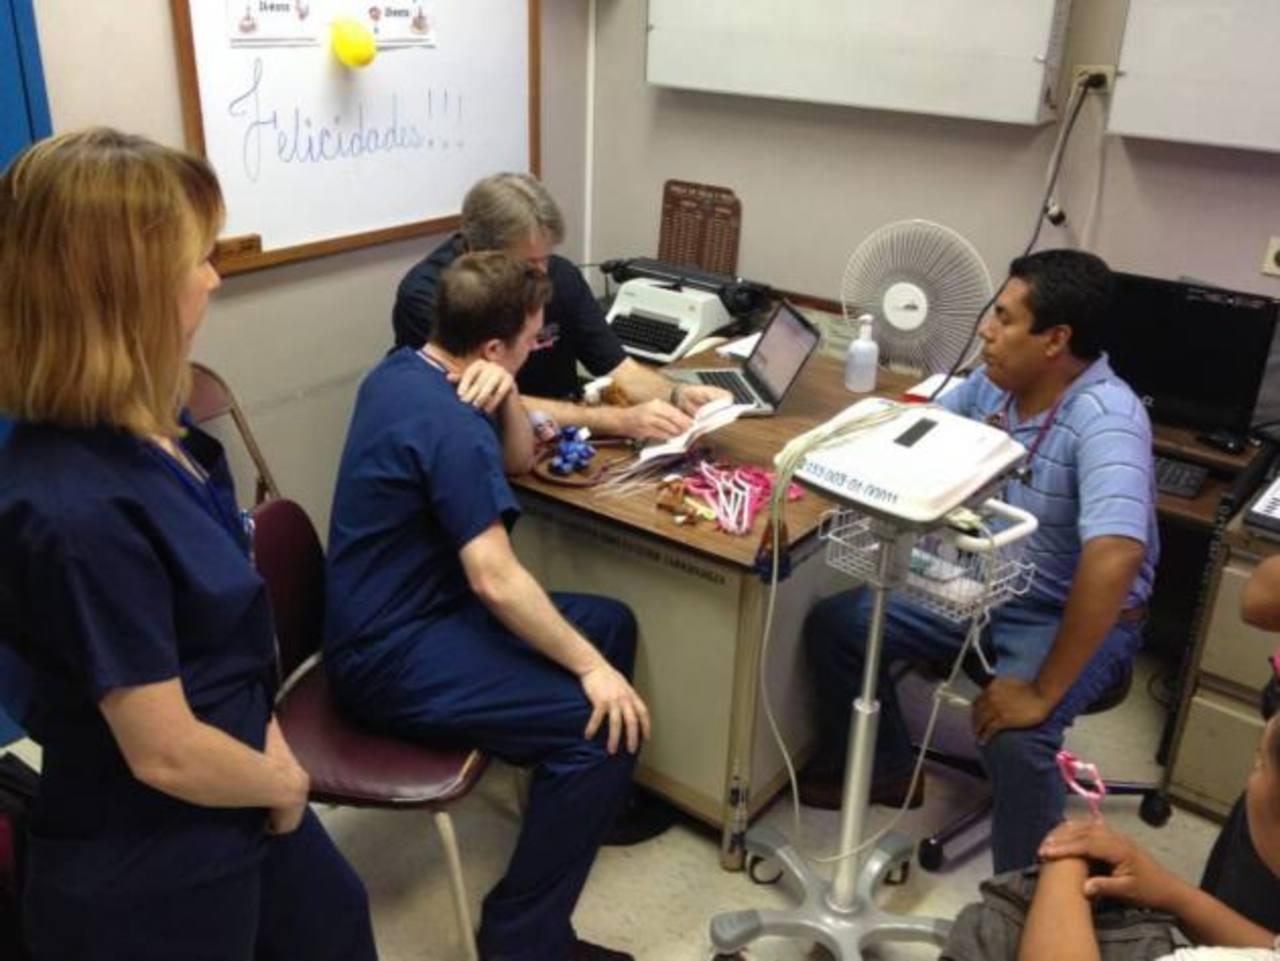 Los médicos que realizan la jornada han venido desde Los Ángeles, Estados Unidos, para apoyar a los niños. EDH / cortesía